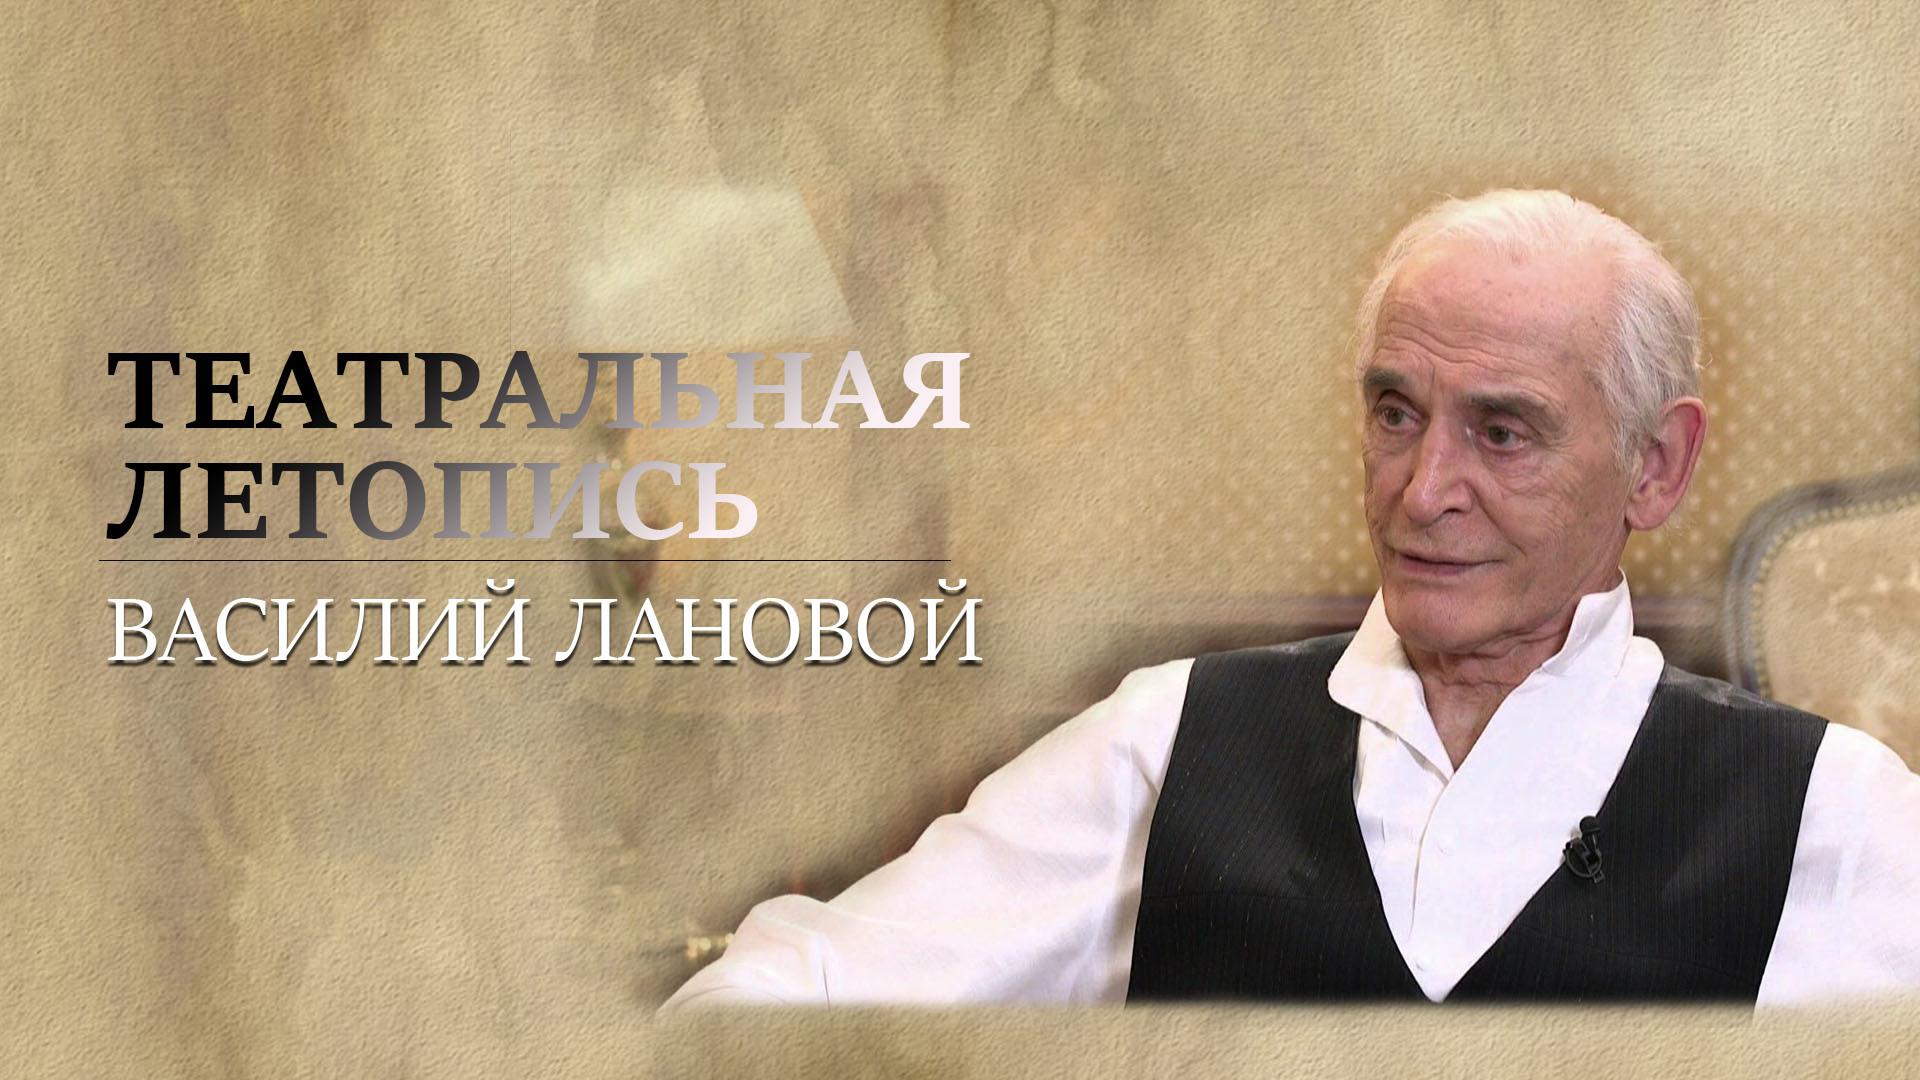 Театральная летопись. Василий Лановой